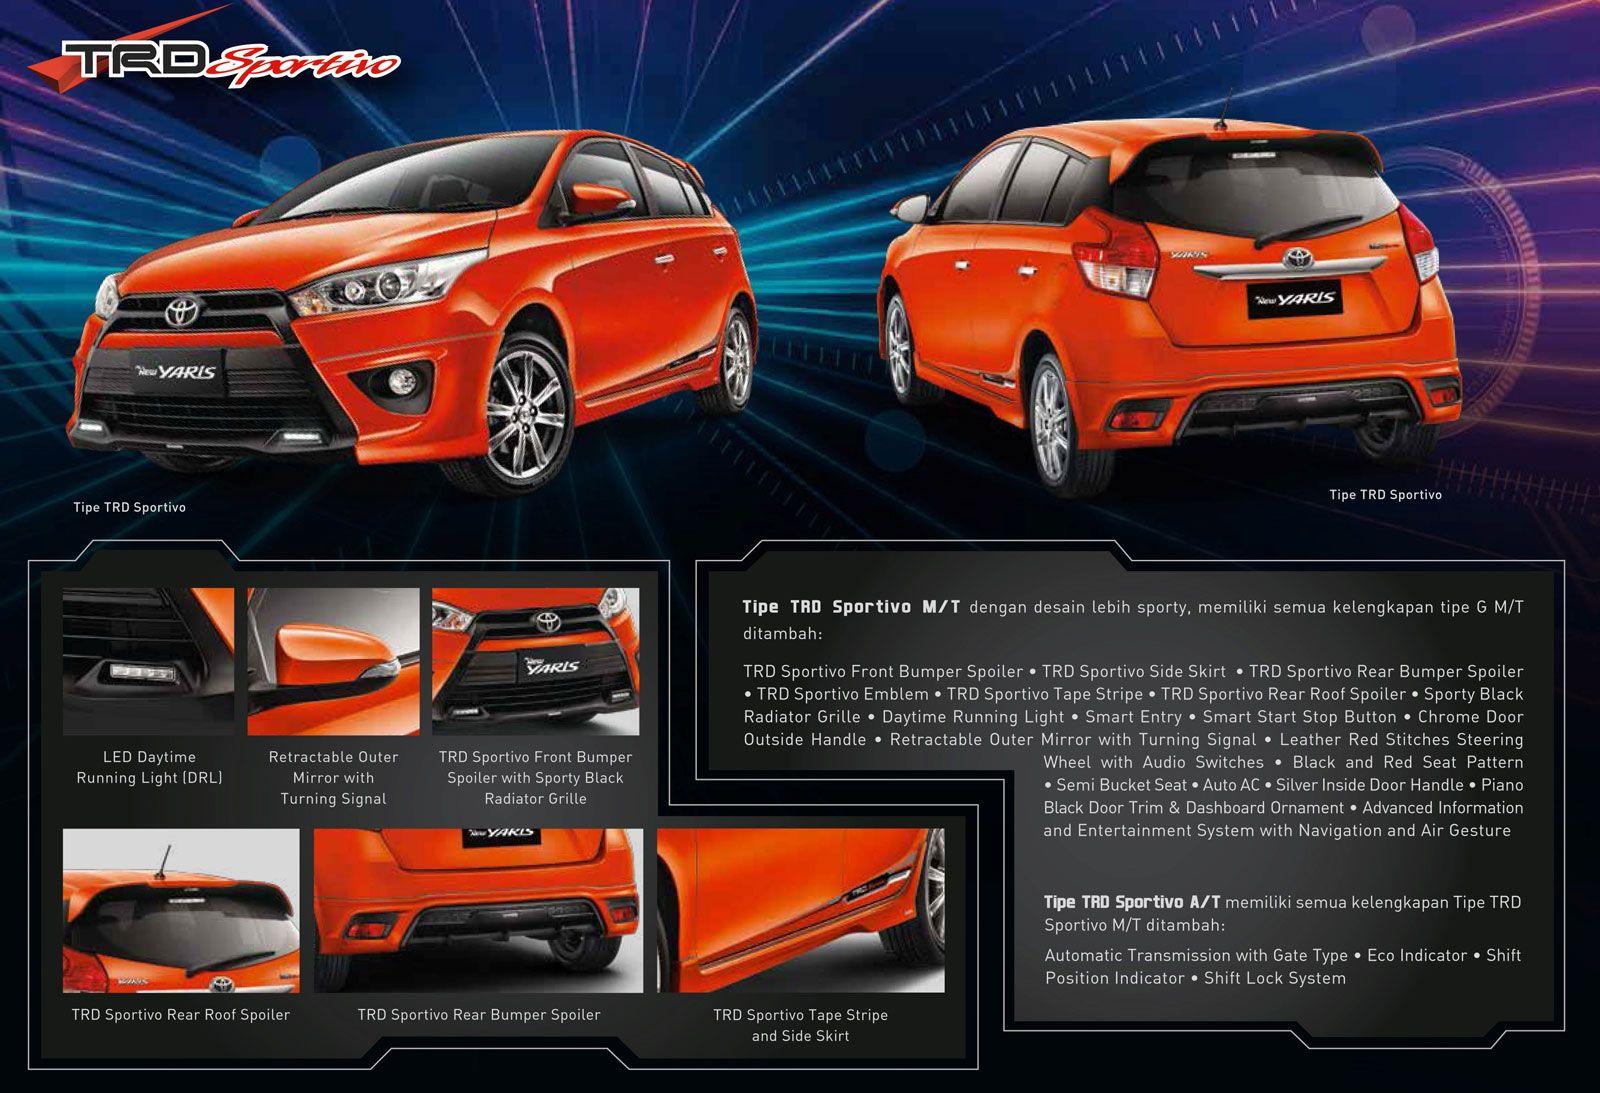 Harga New Yaris Trd Pilihan Warna All Kijang Innova Mesinbalap Com Kepincut Pengen Punya Baru Tenang Saja Gan Pt Toyota Astra Motor Tam Sudah Merilis Daftar Resmi Dari Hatchba